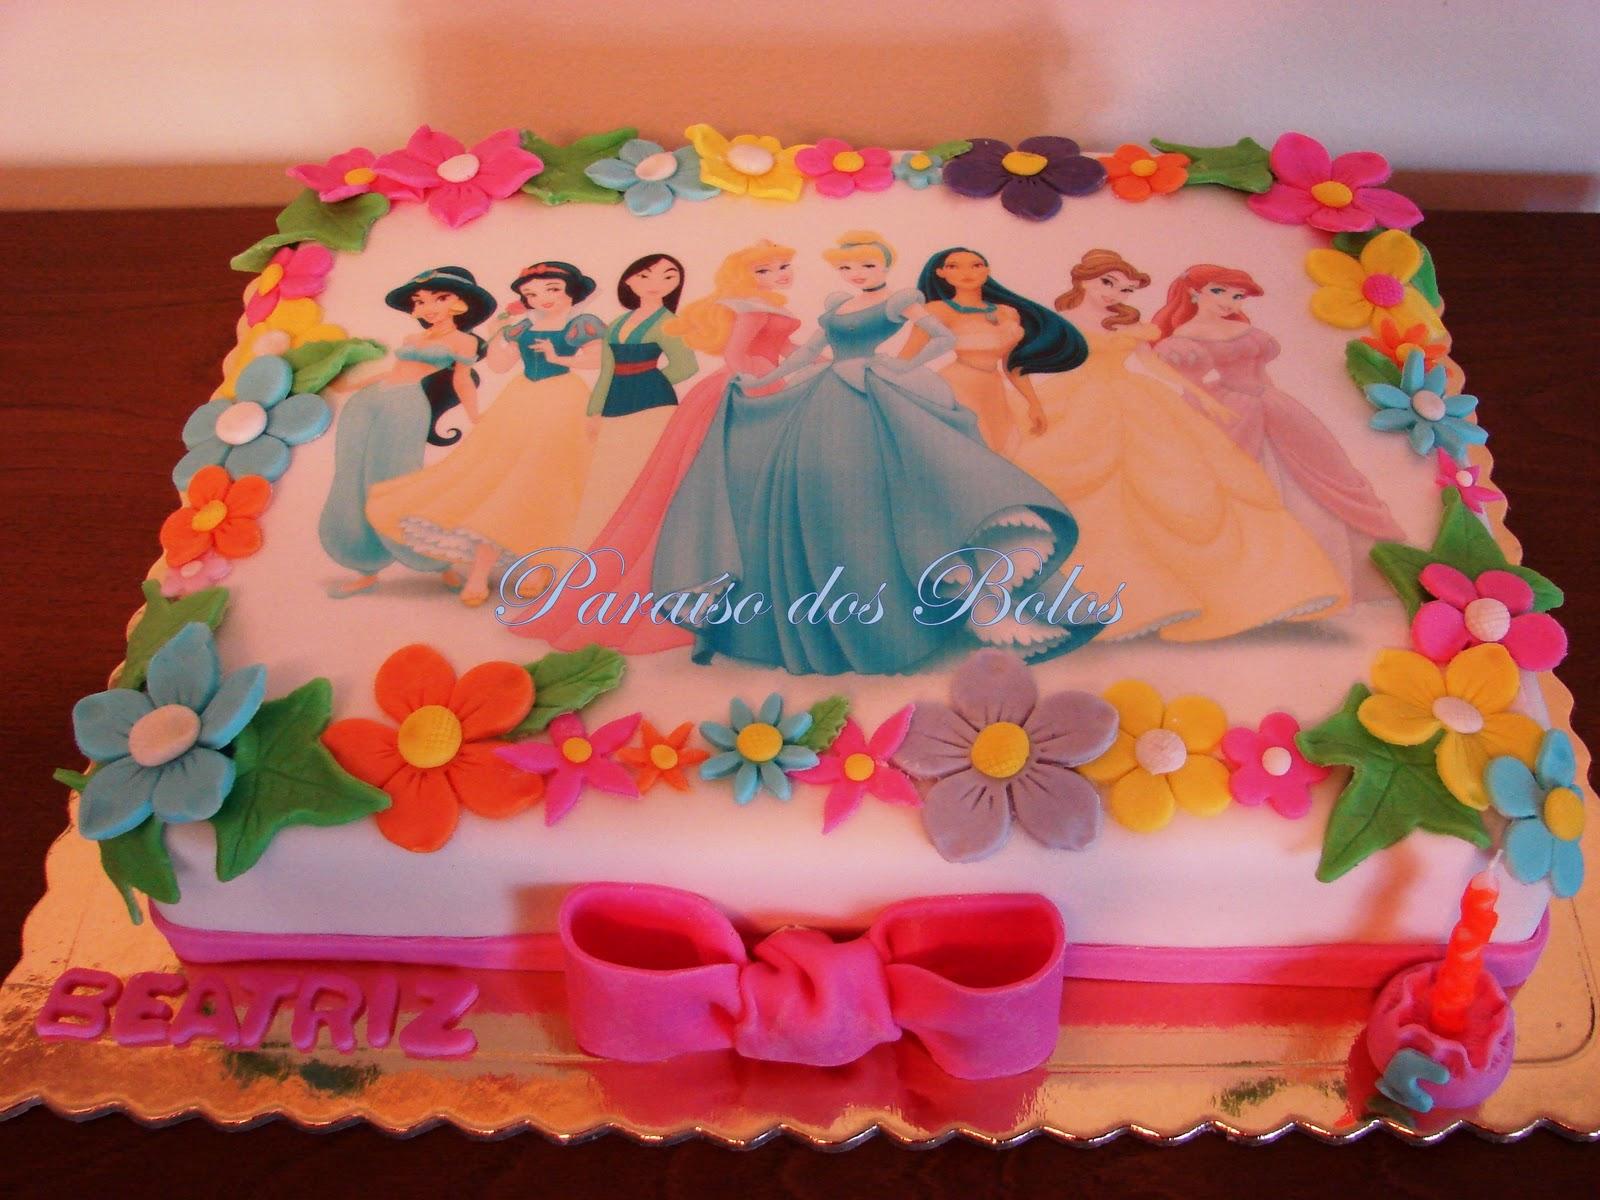 Como fazer um bolo de princesa - YouTube